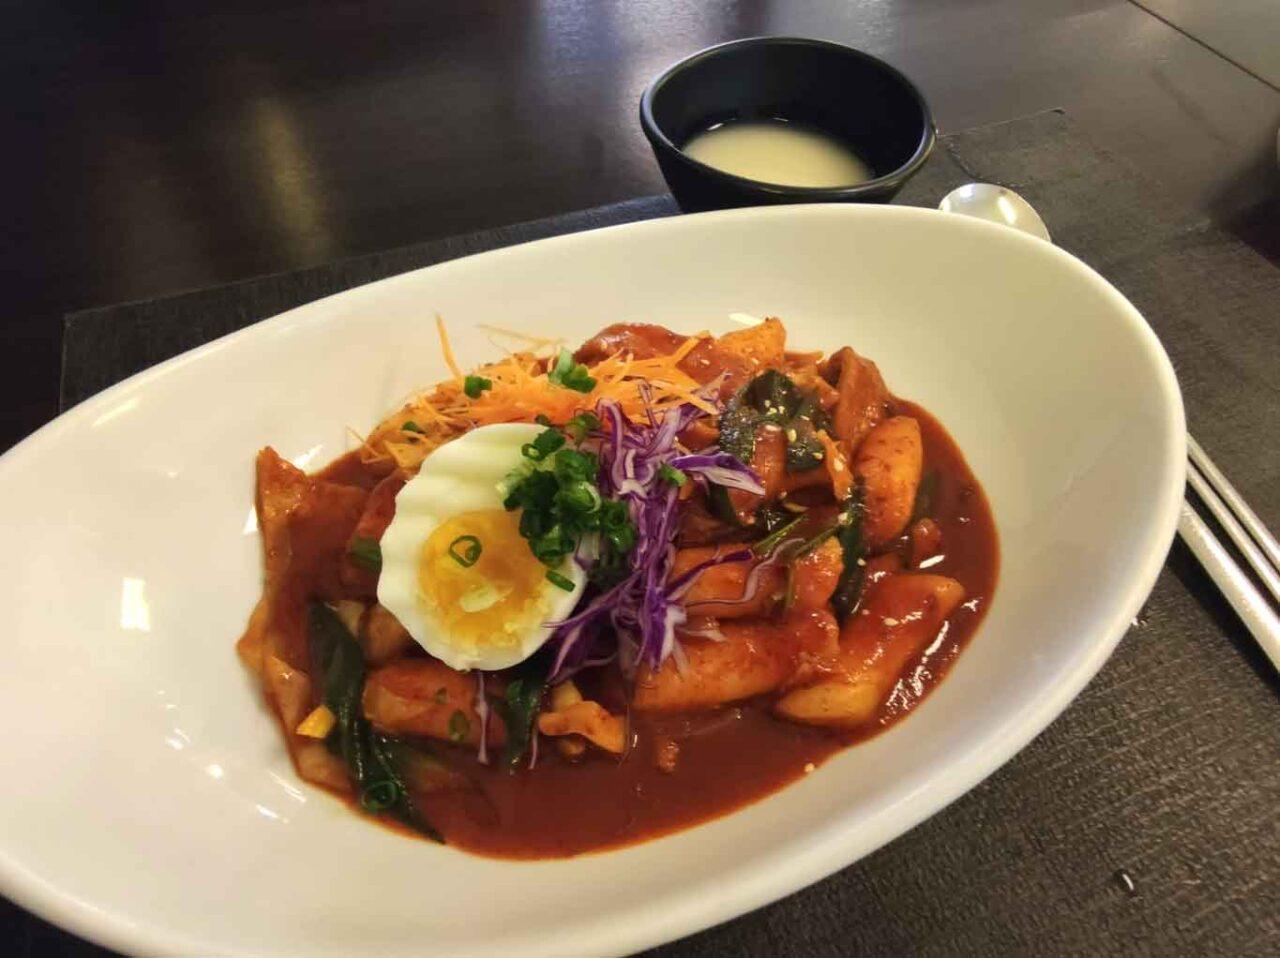 ristorante coreano Gainna a Roma:  gnocchi di riso